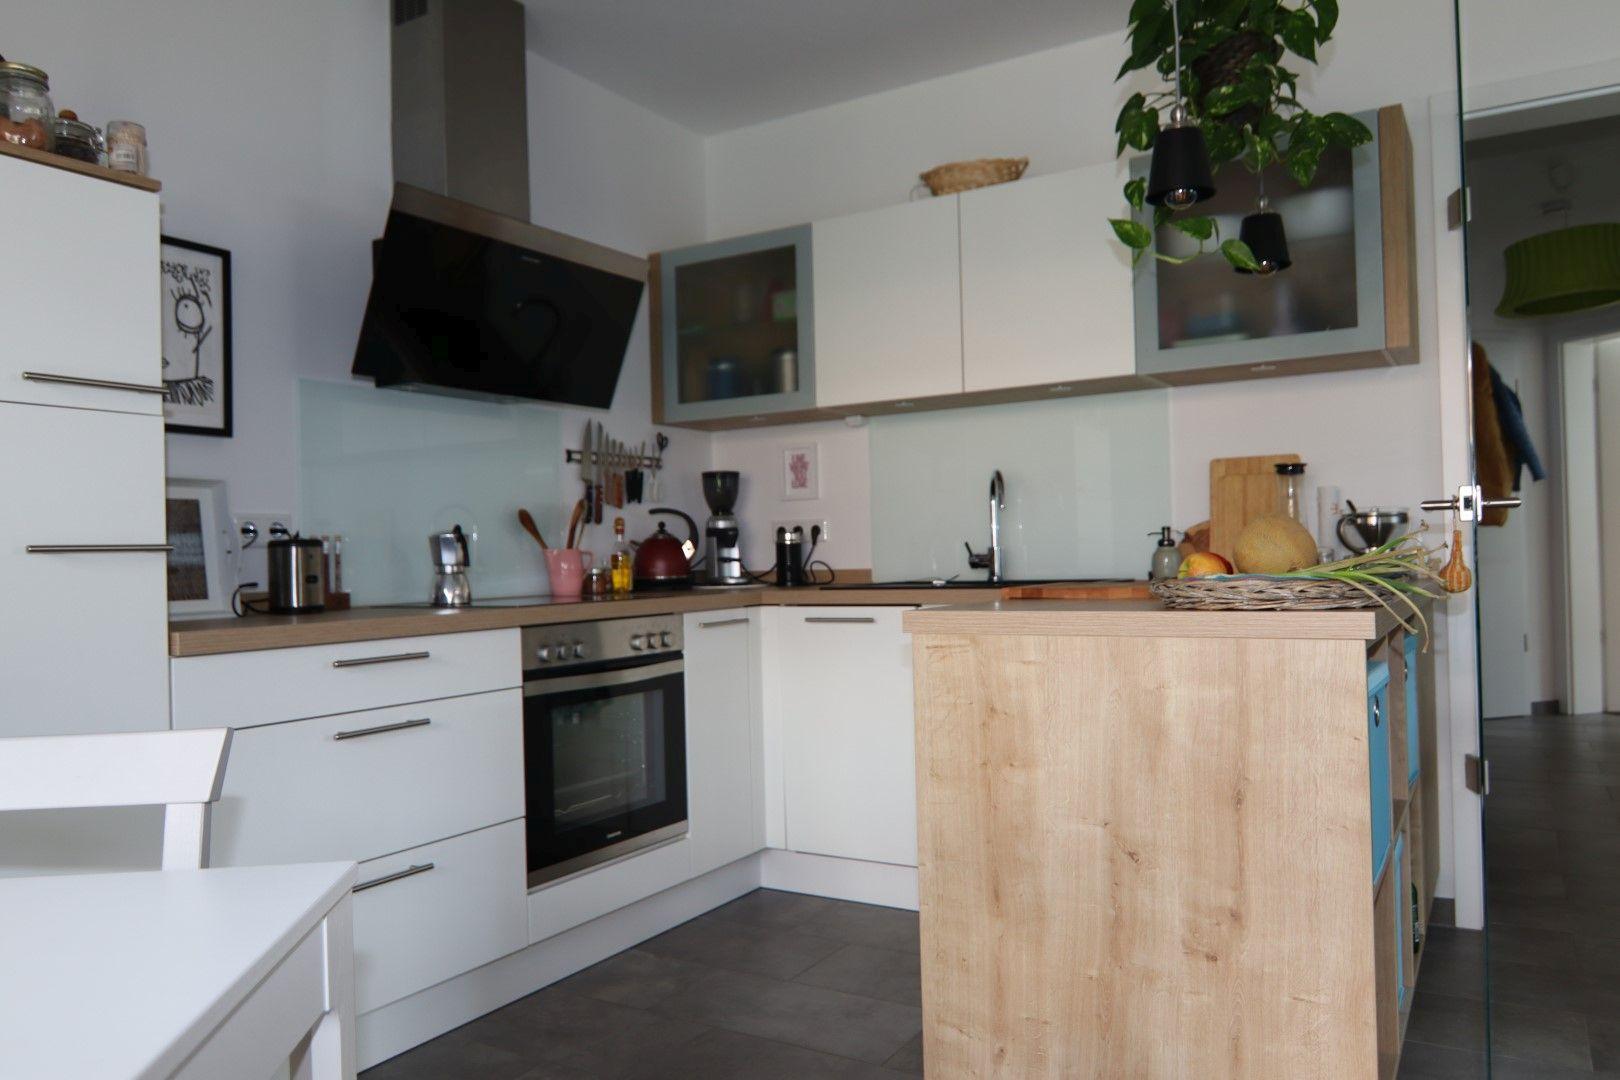 Immobilie Nr.0266 - 2-Raum-Erdgeschoss-Wohnung im Neubau mit hochwertiger Ausstattung - Bild 4.jpg